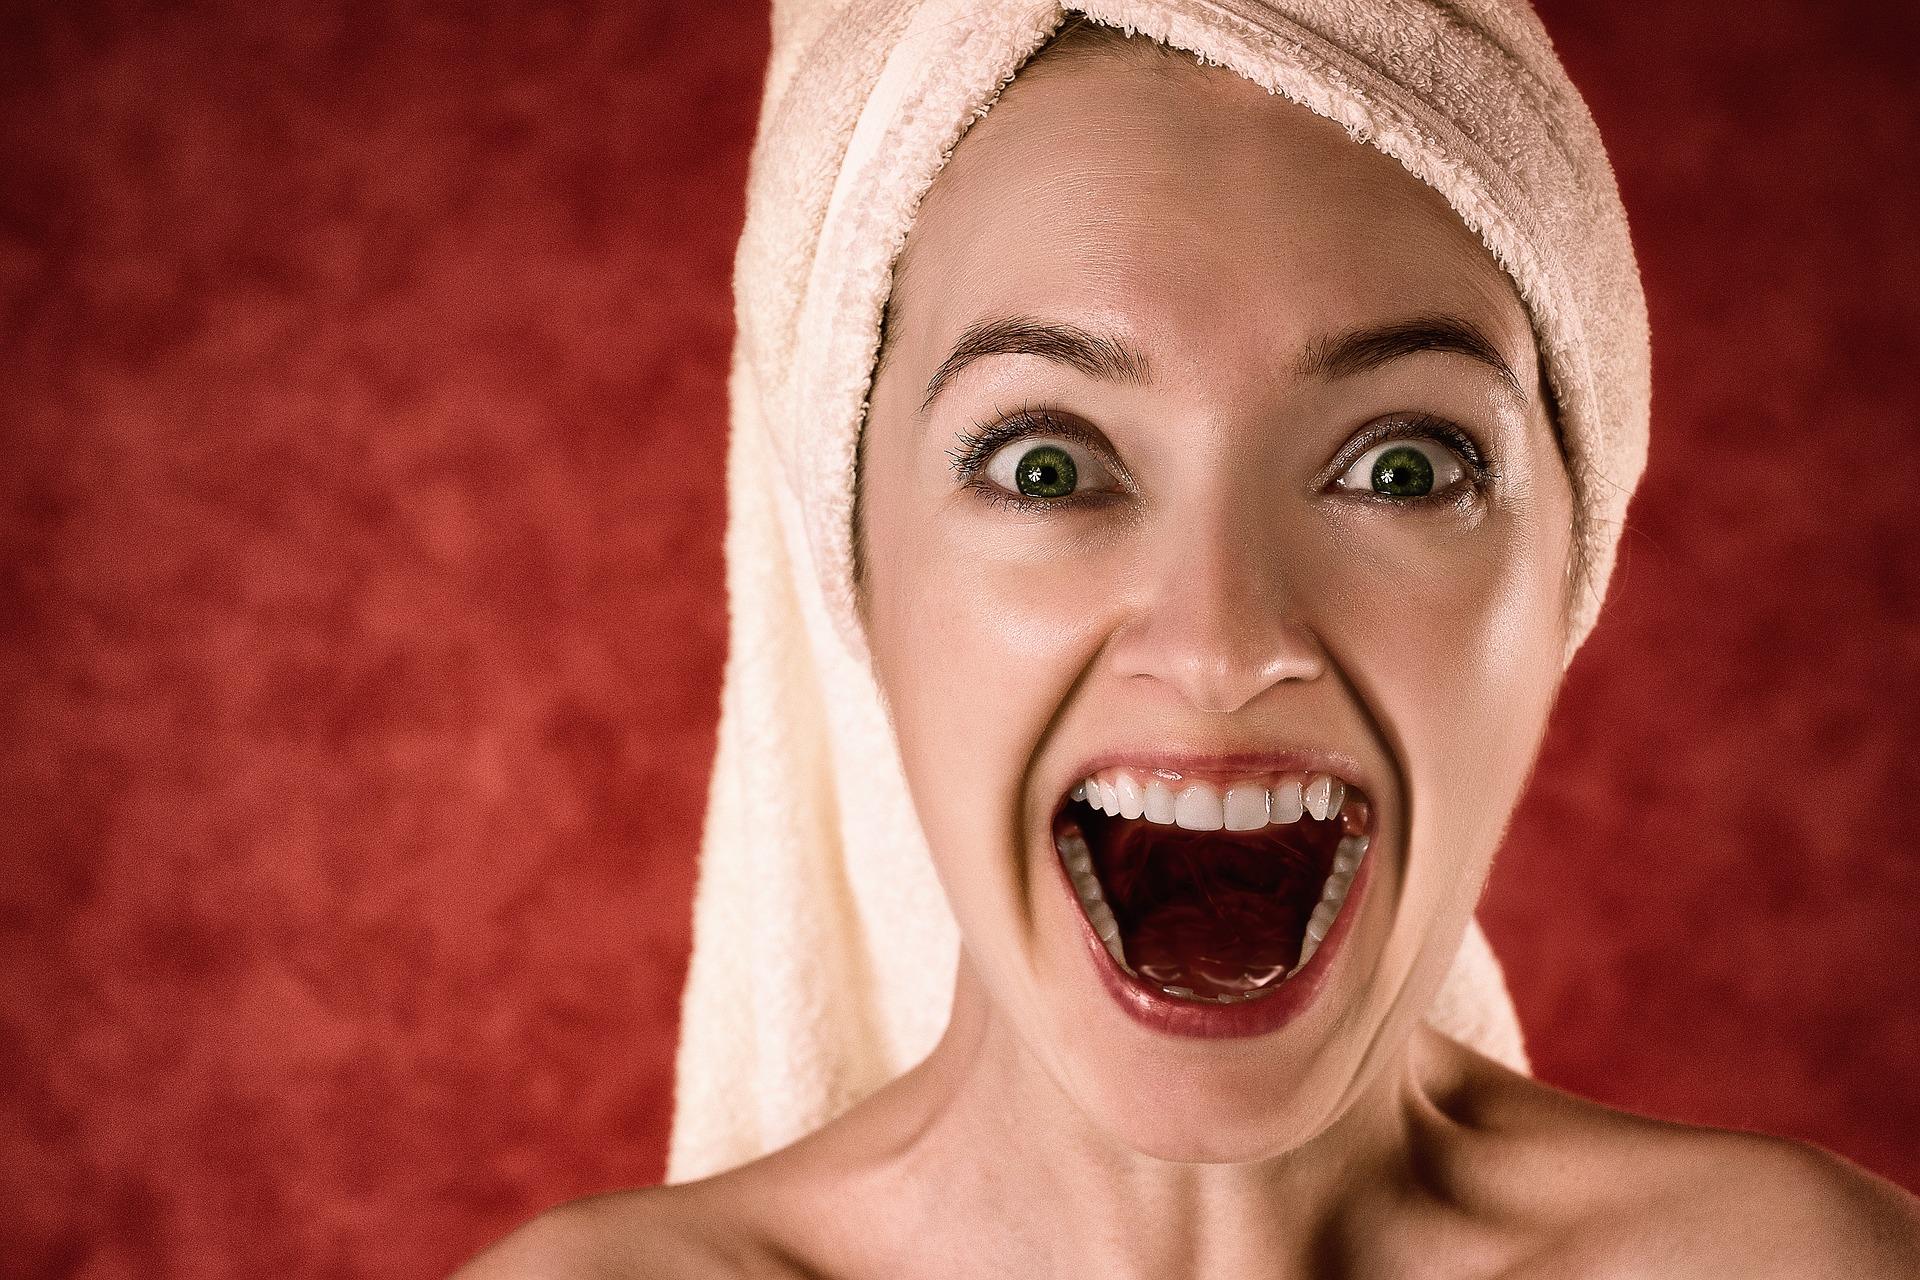 Špatná ústní hygiena může být příčinou problému s otěhotněním